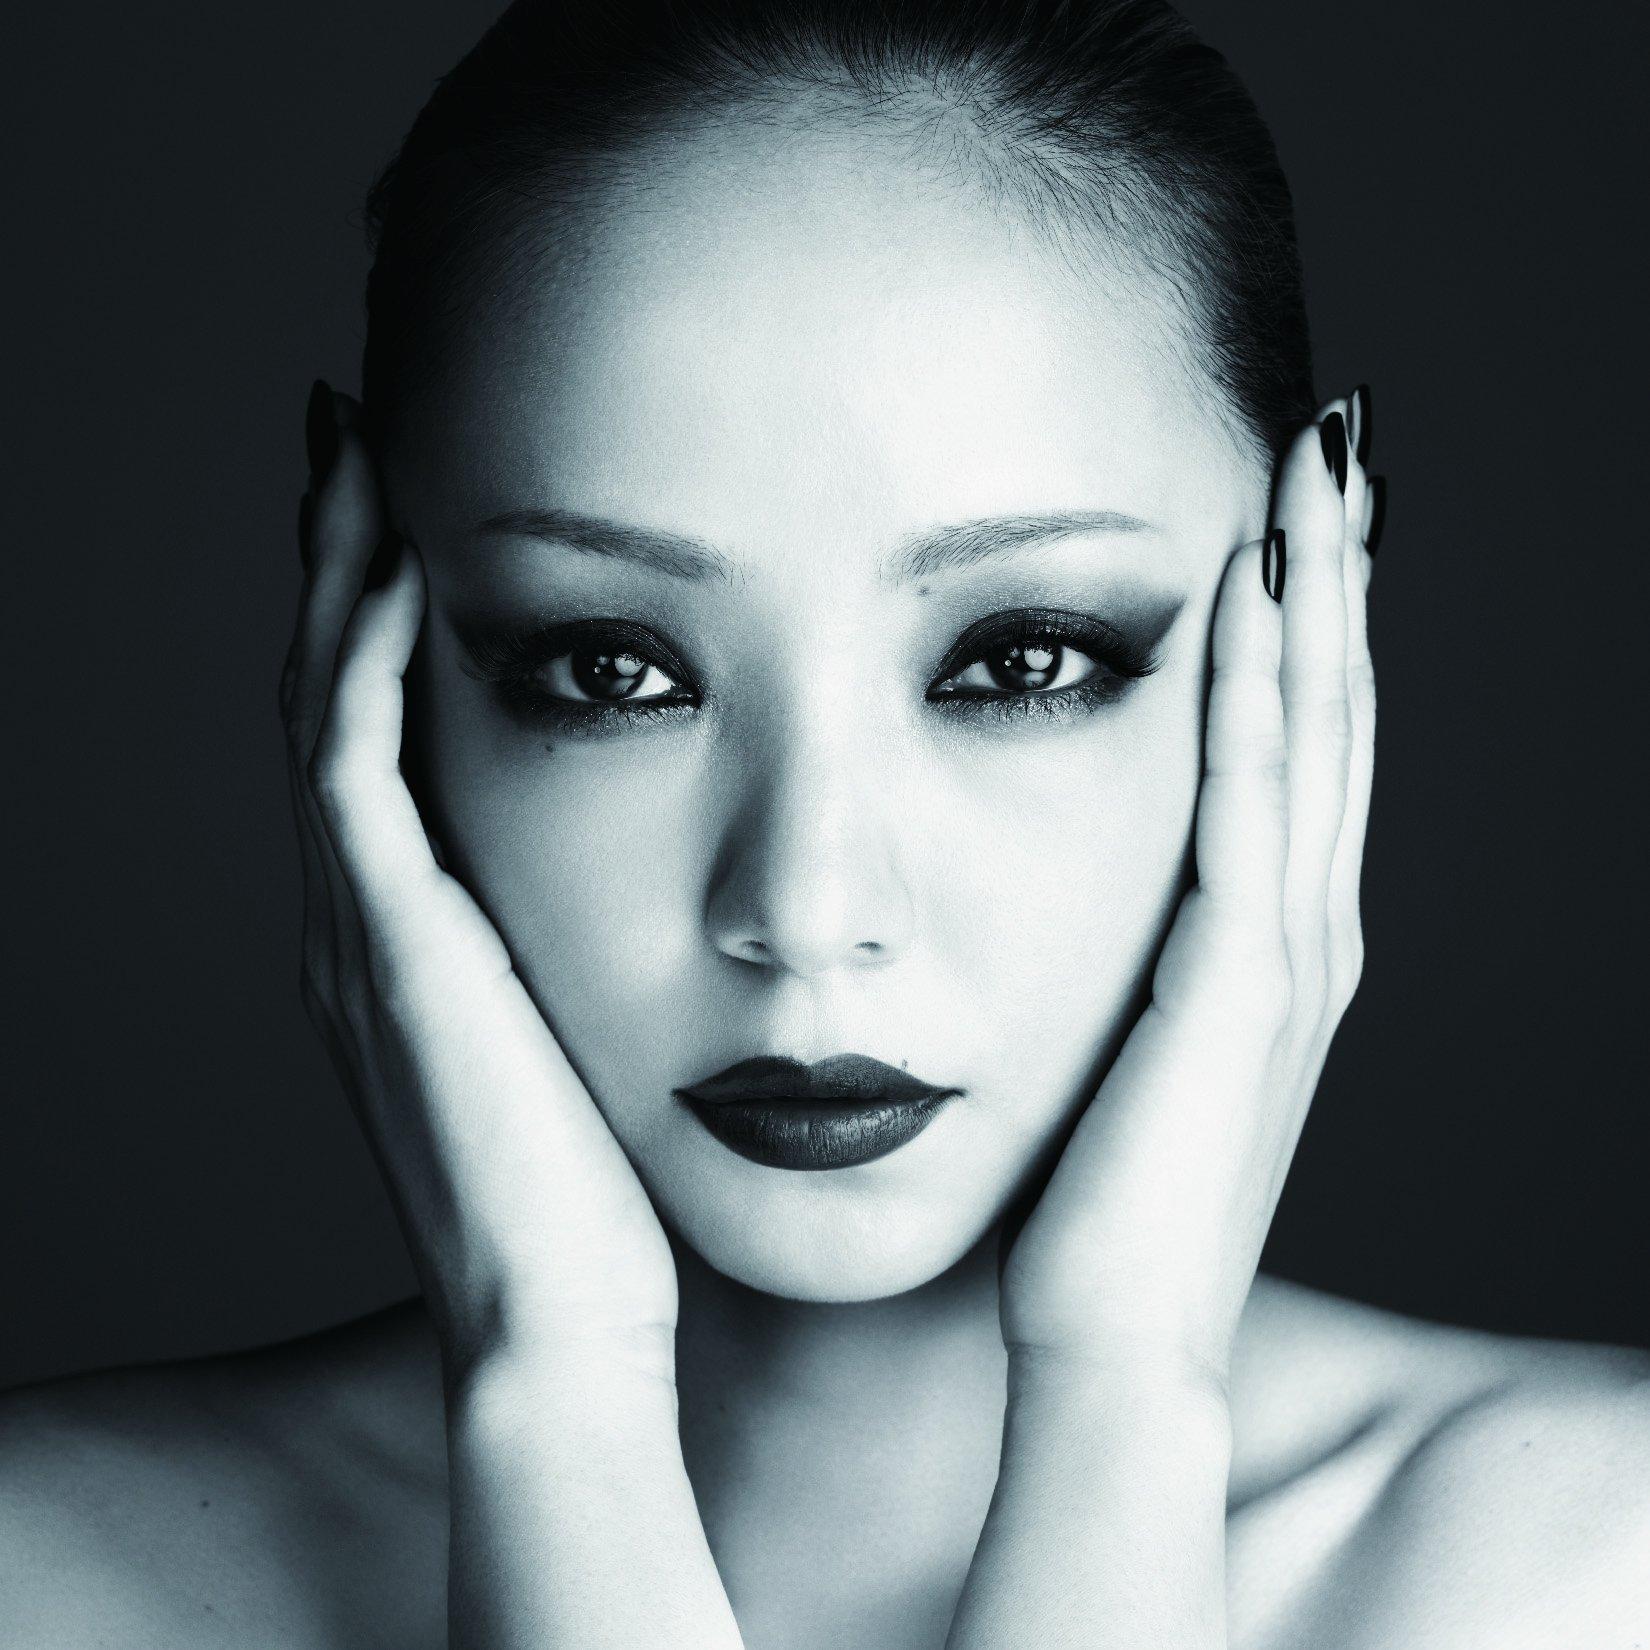 安室奈美恵 Ipad壁紙女性タレント画像12950 スマポ